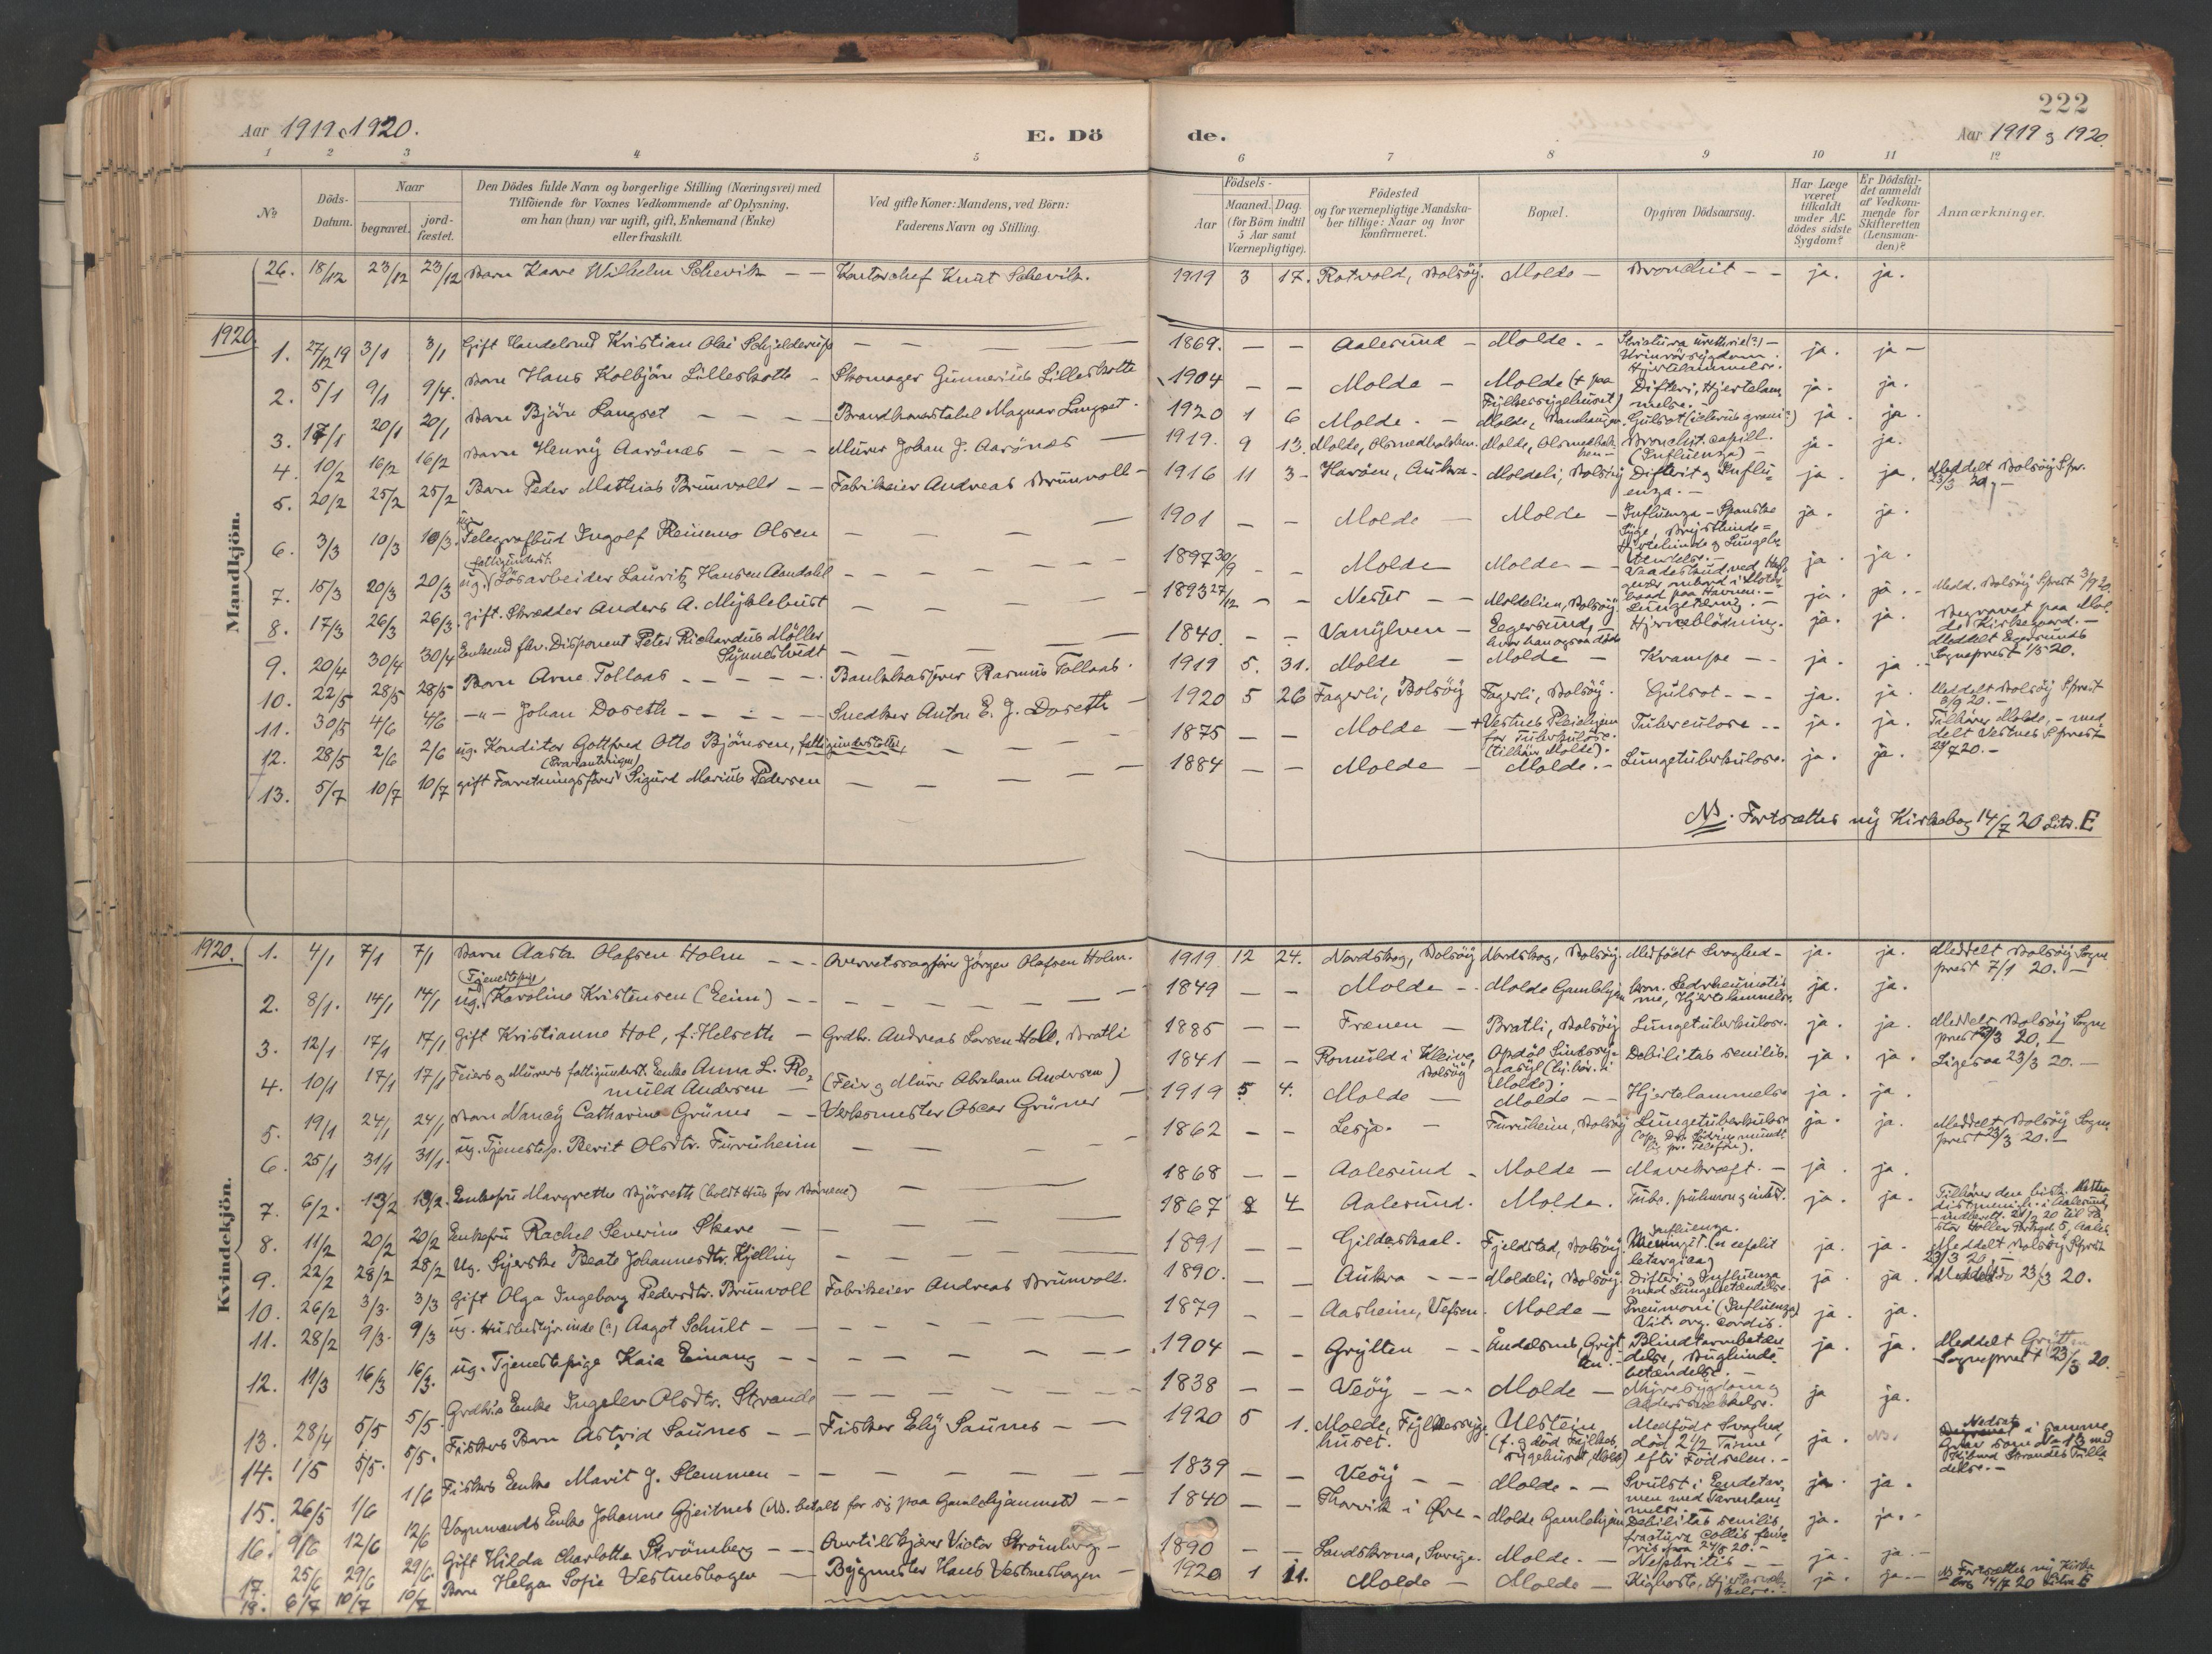 SAT, Ministerialprotokoller, klokkerbøker og fødselsregistre - Møre og Romsdal, 558/L0692: Ministerialbok nr. 558A06, 1887-1971, s. 222